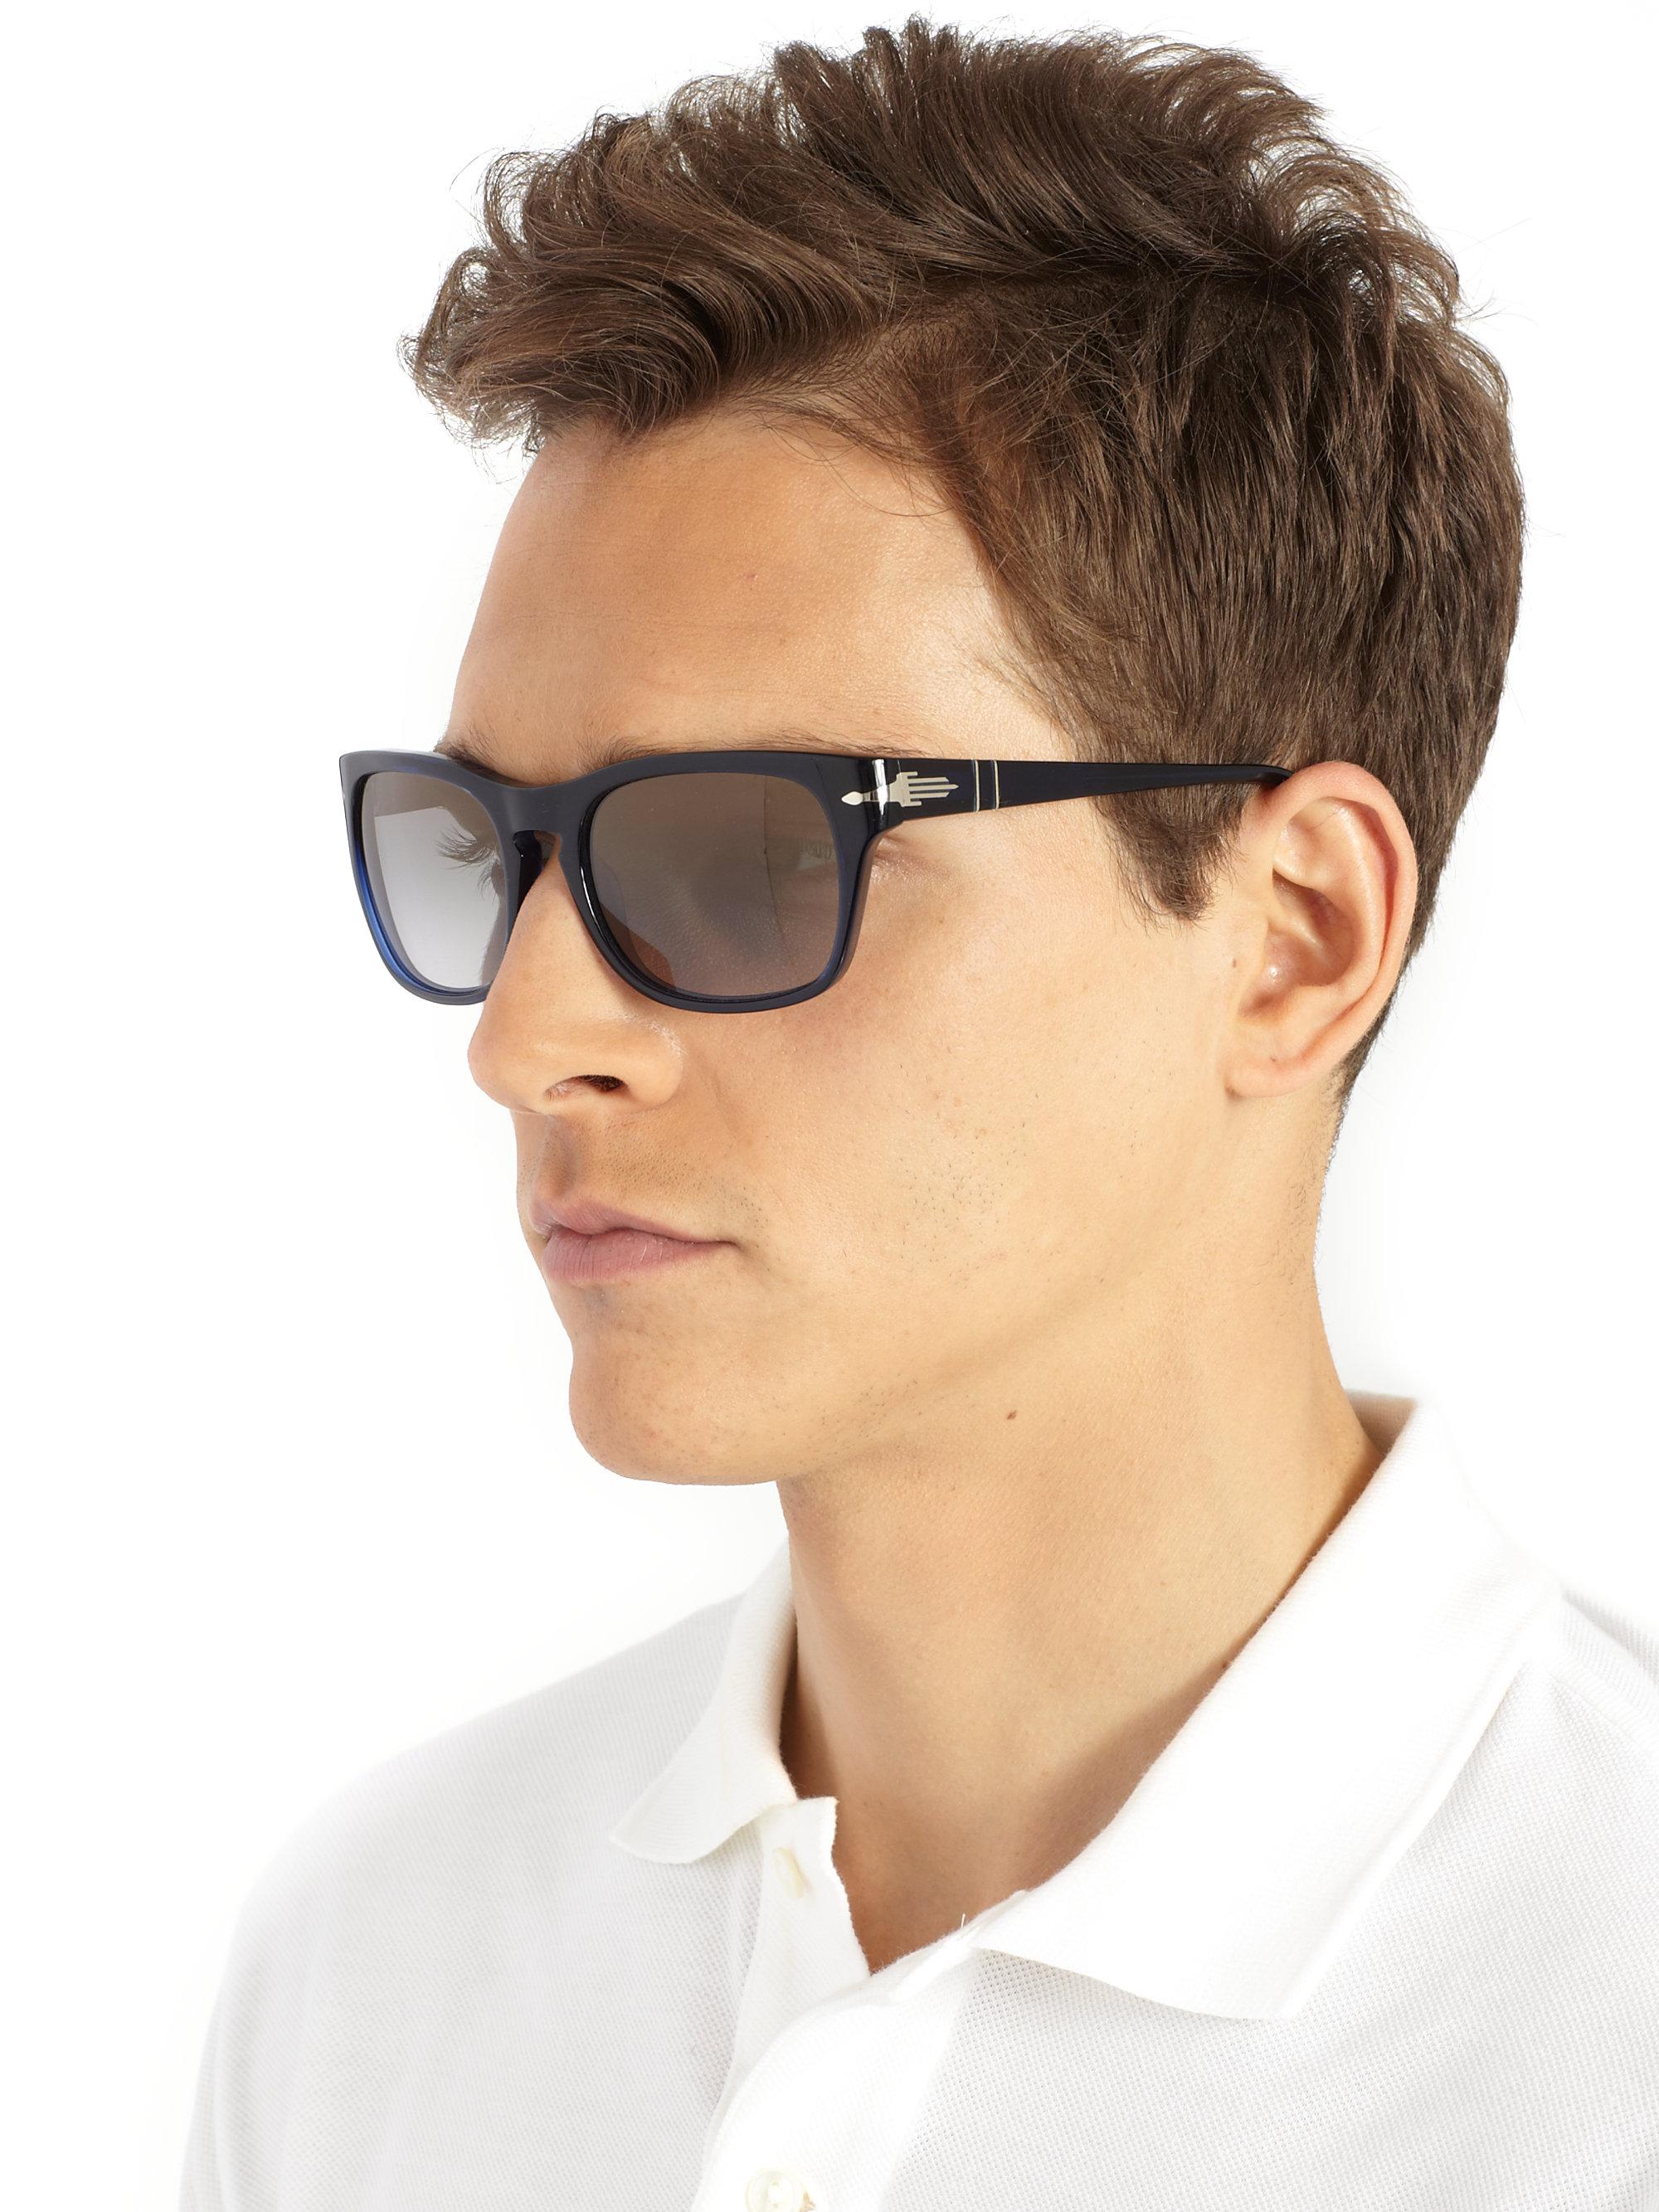 aeb706a2f5 Persol Mens Sunglasses (po 3092) Acetate - Bitterroot Public Library